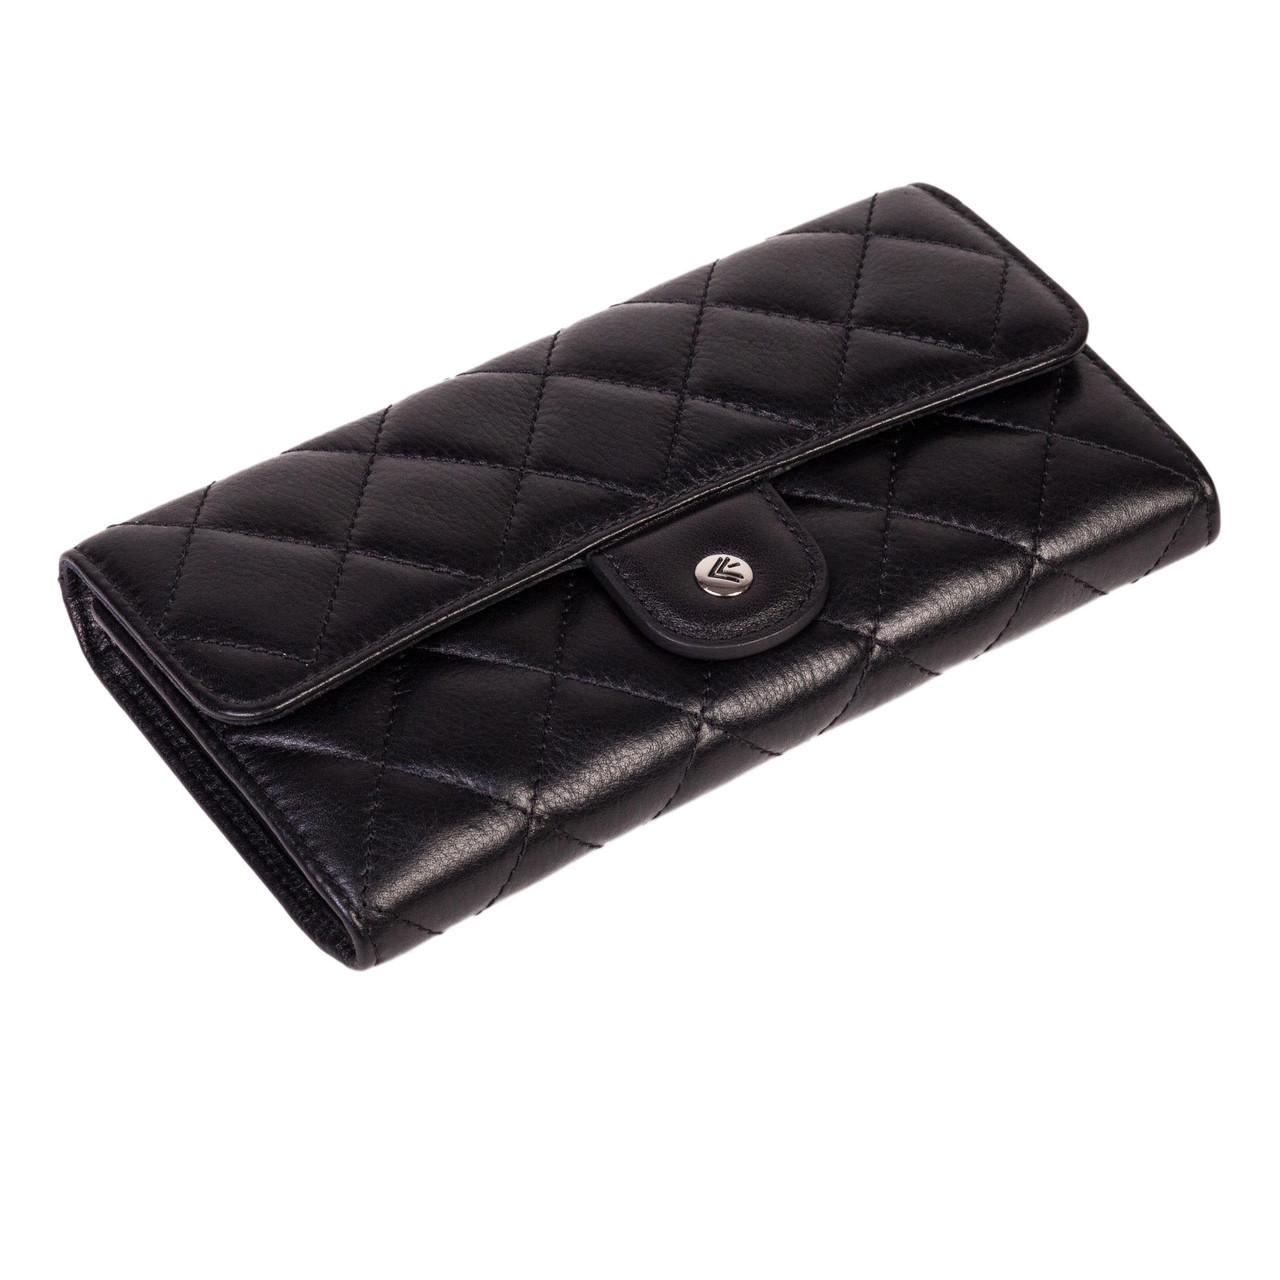 Жіночий гаманець Eminsa 2096-12-1 шкіряний чорний